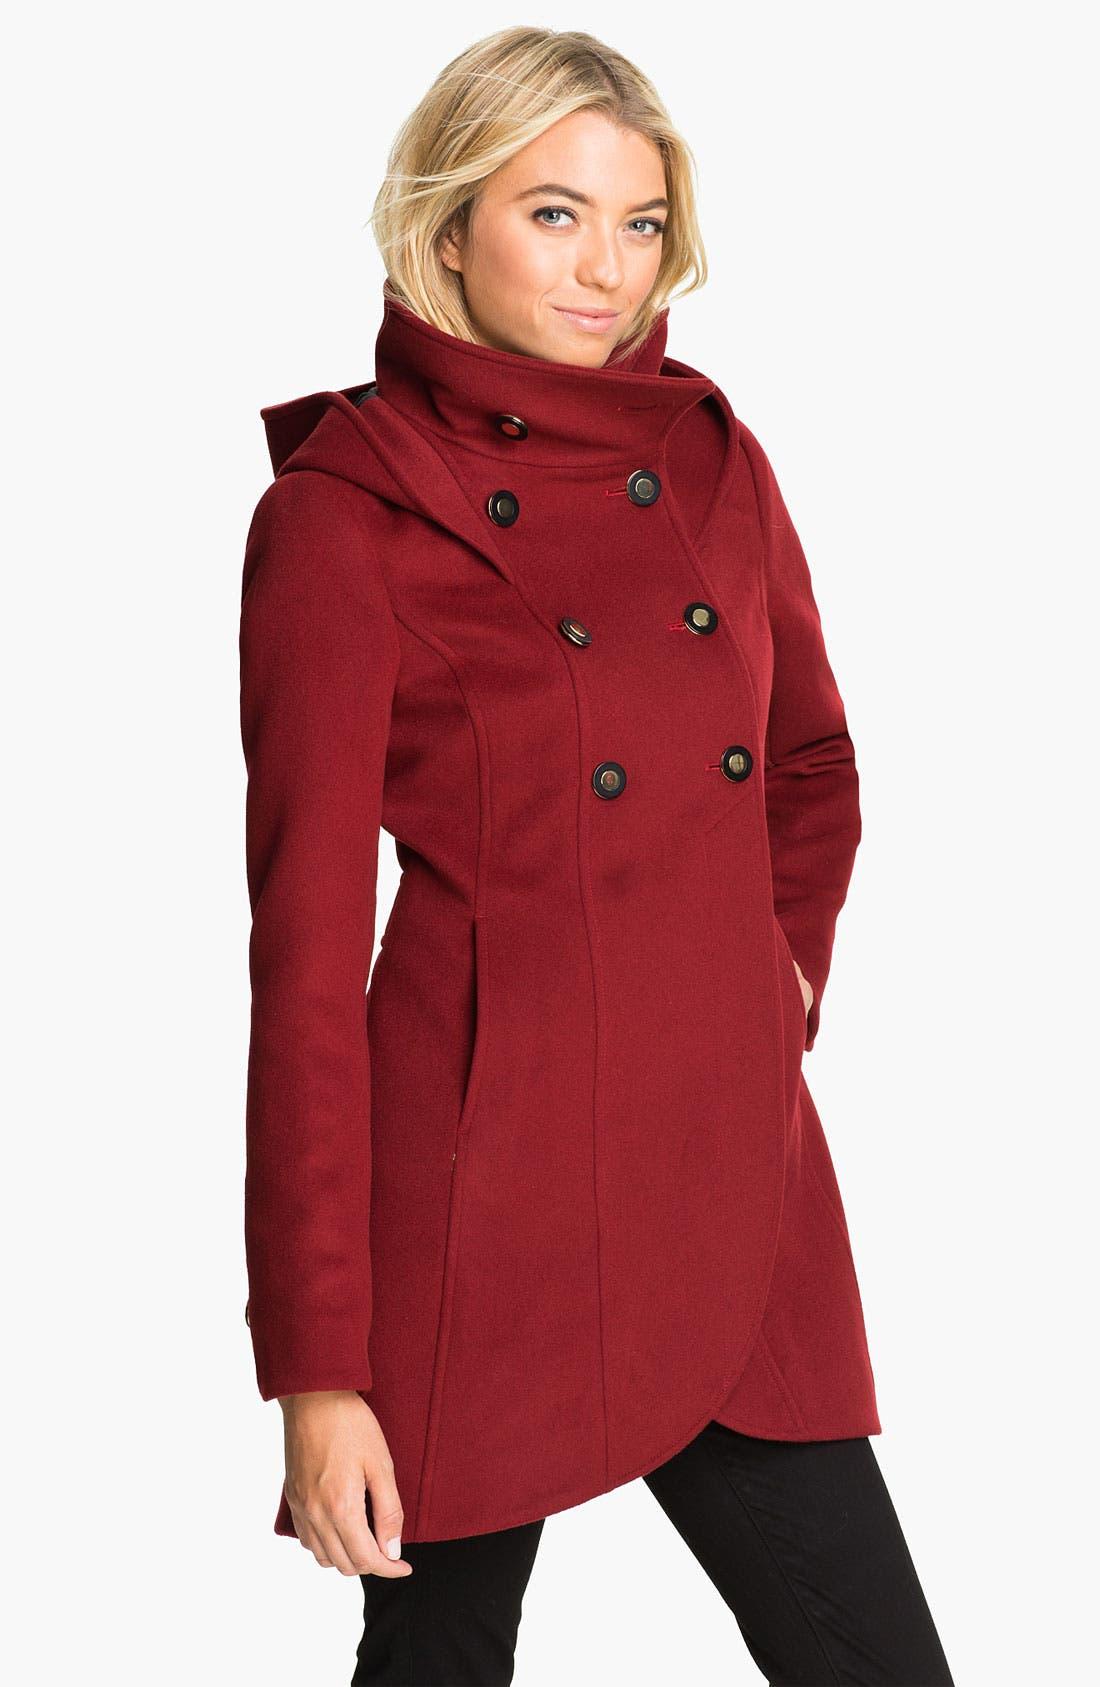 Alternate Image 1 Selected - Soïa & Kyo Hooded Wool Coat